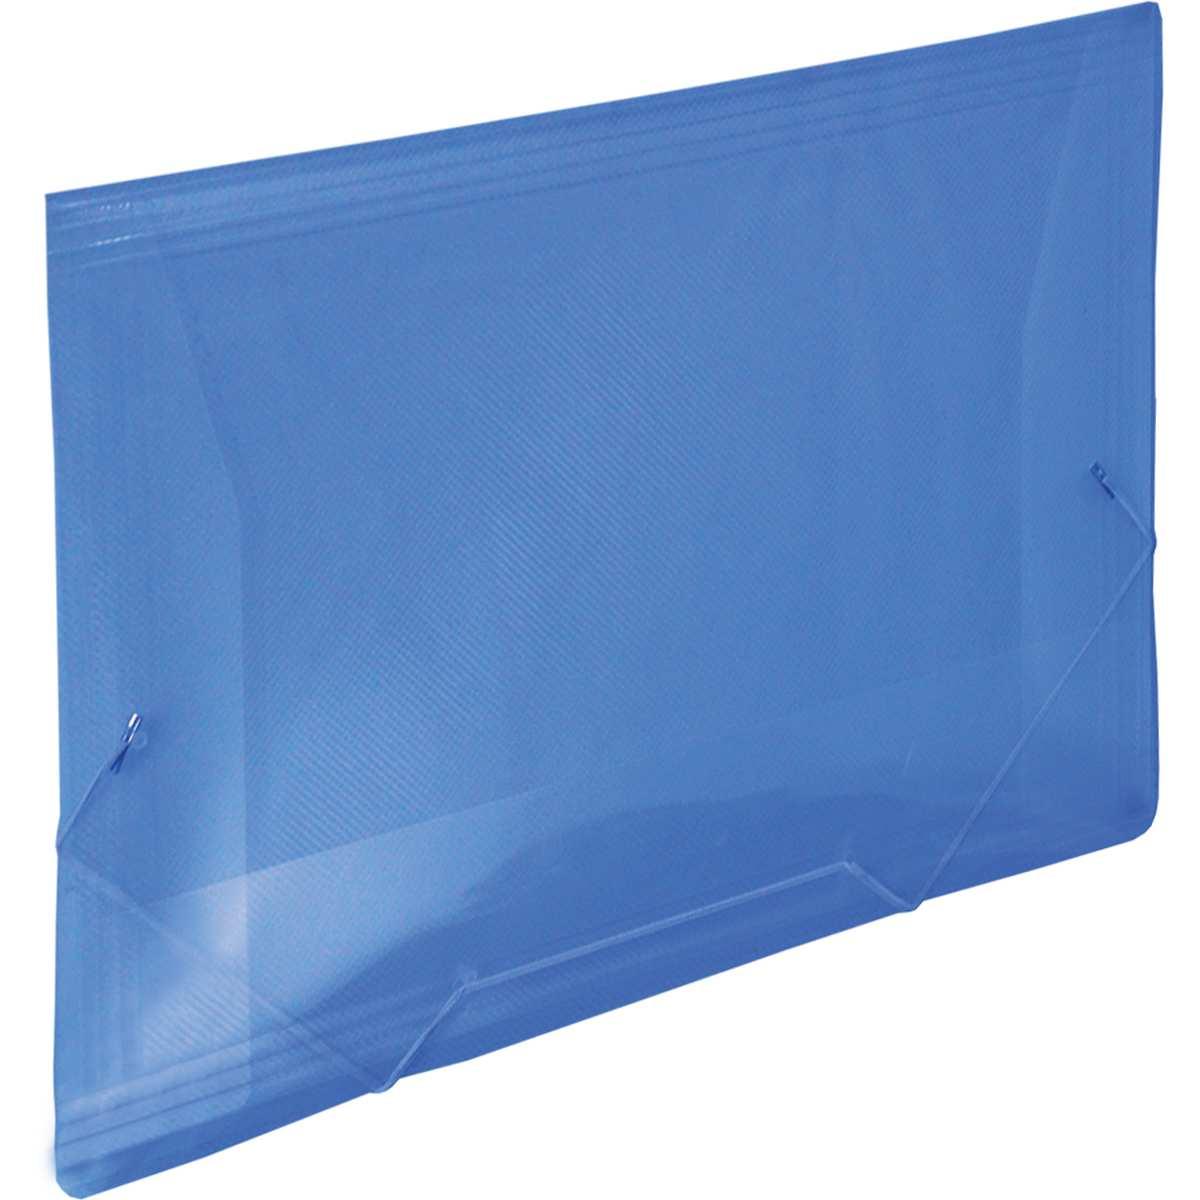 Pasta Aba Elastica - Plastica Oficio Azul Line Pct.c/10 - Dac